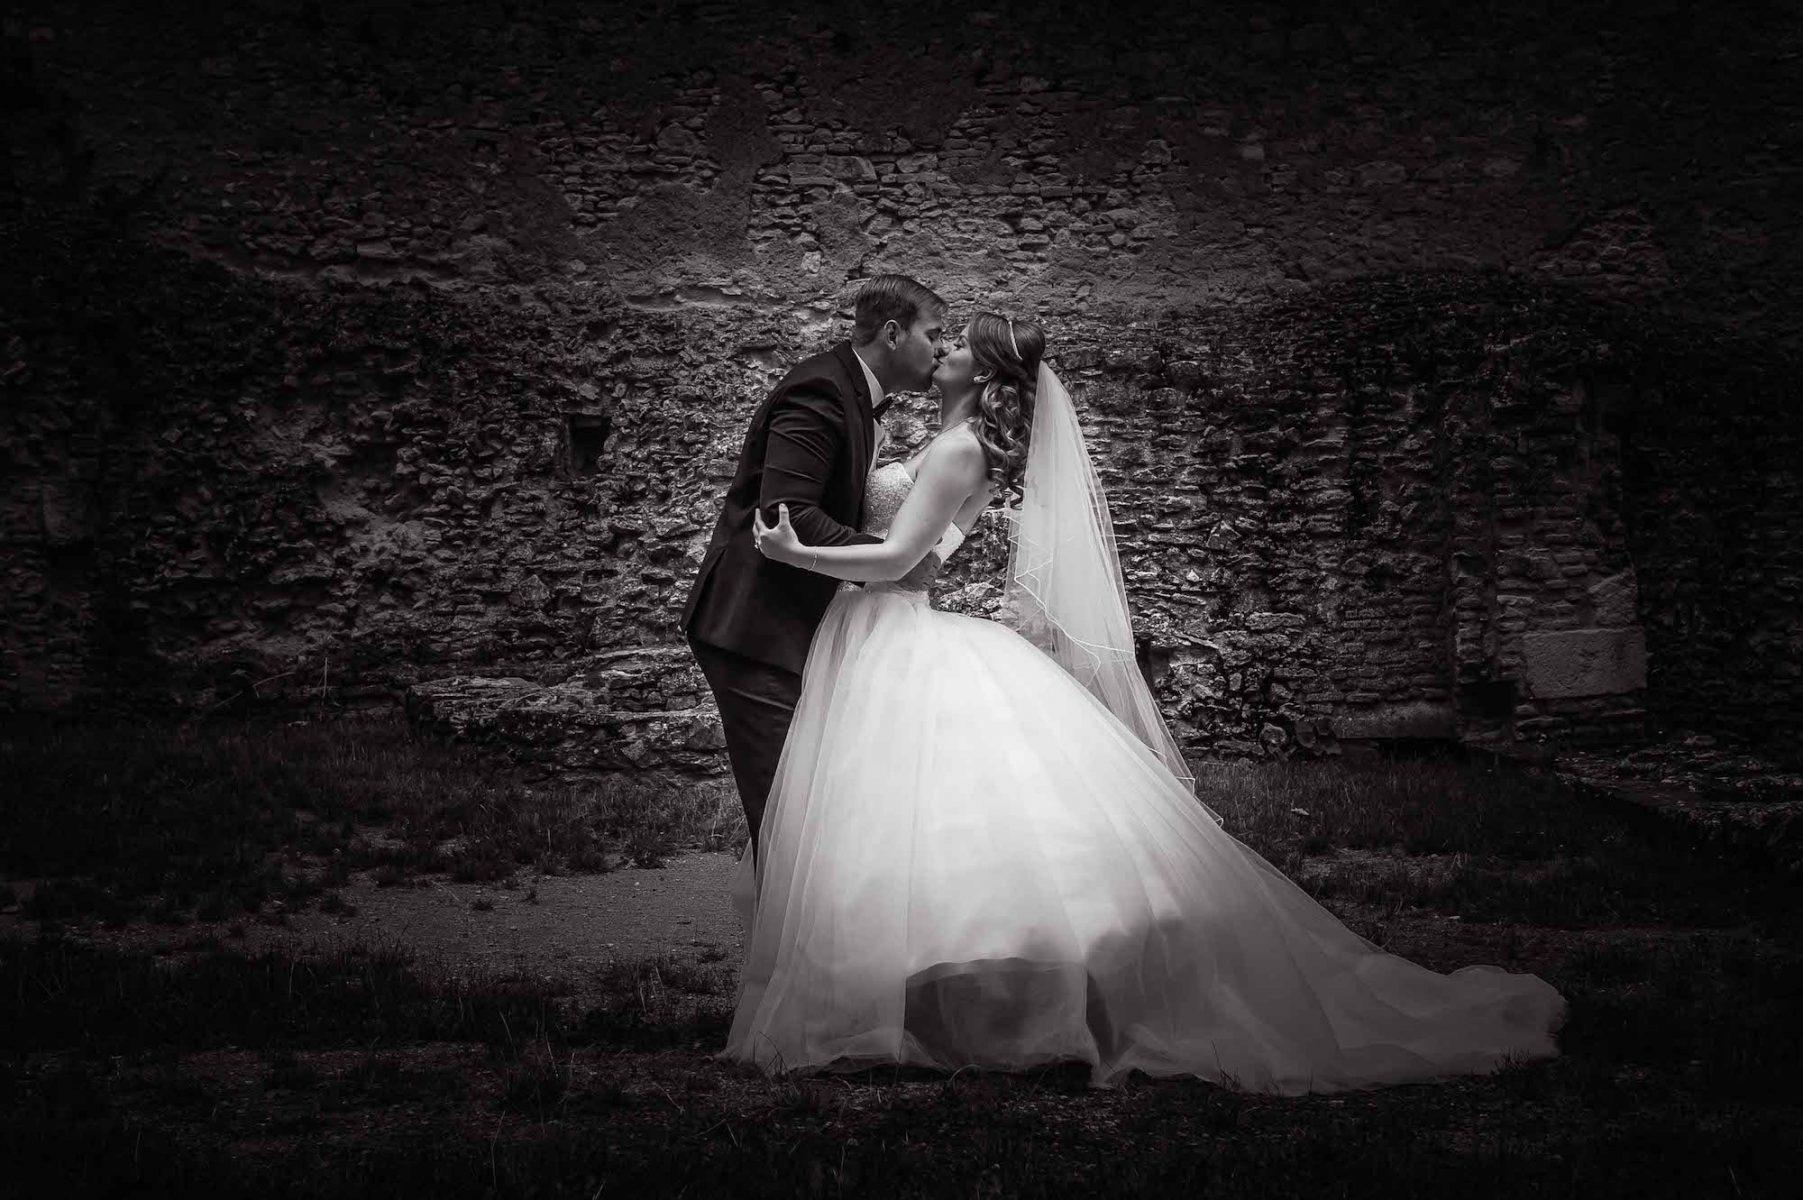 amatustra Hochzeit Zweisam B2000 228947 1803x1200 - Hochzeitsfotografie